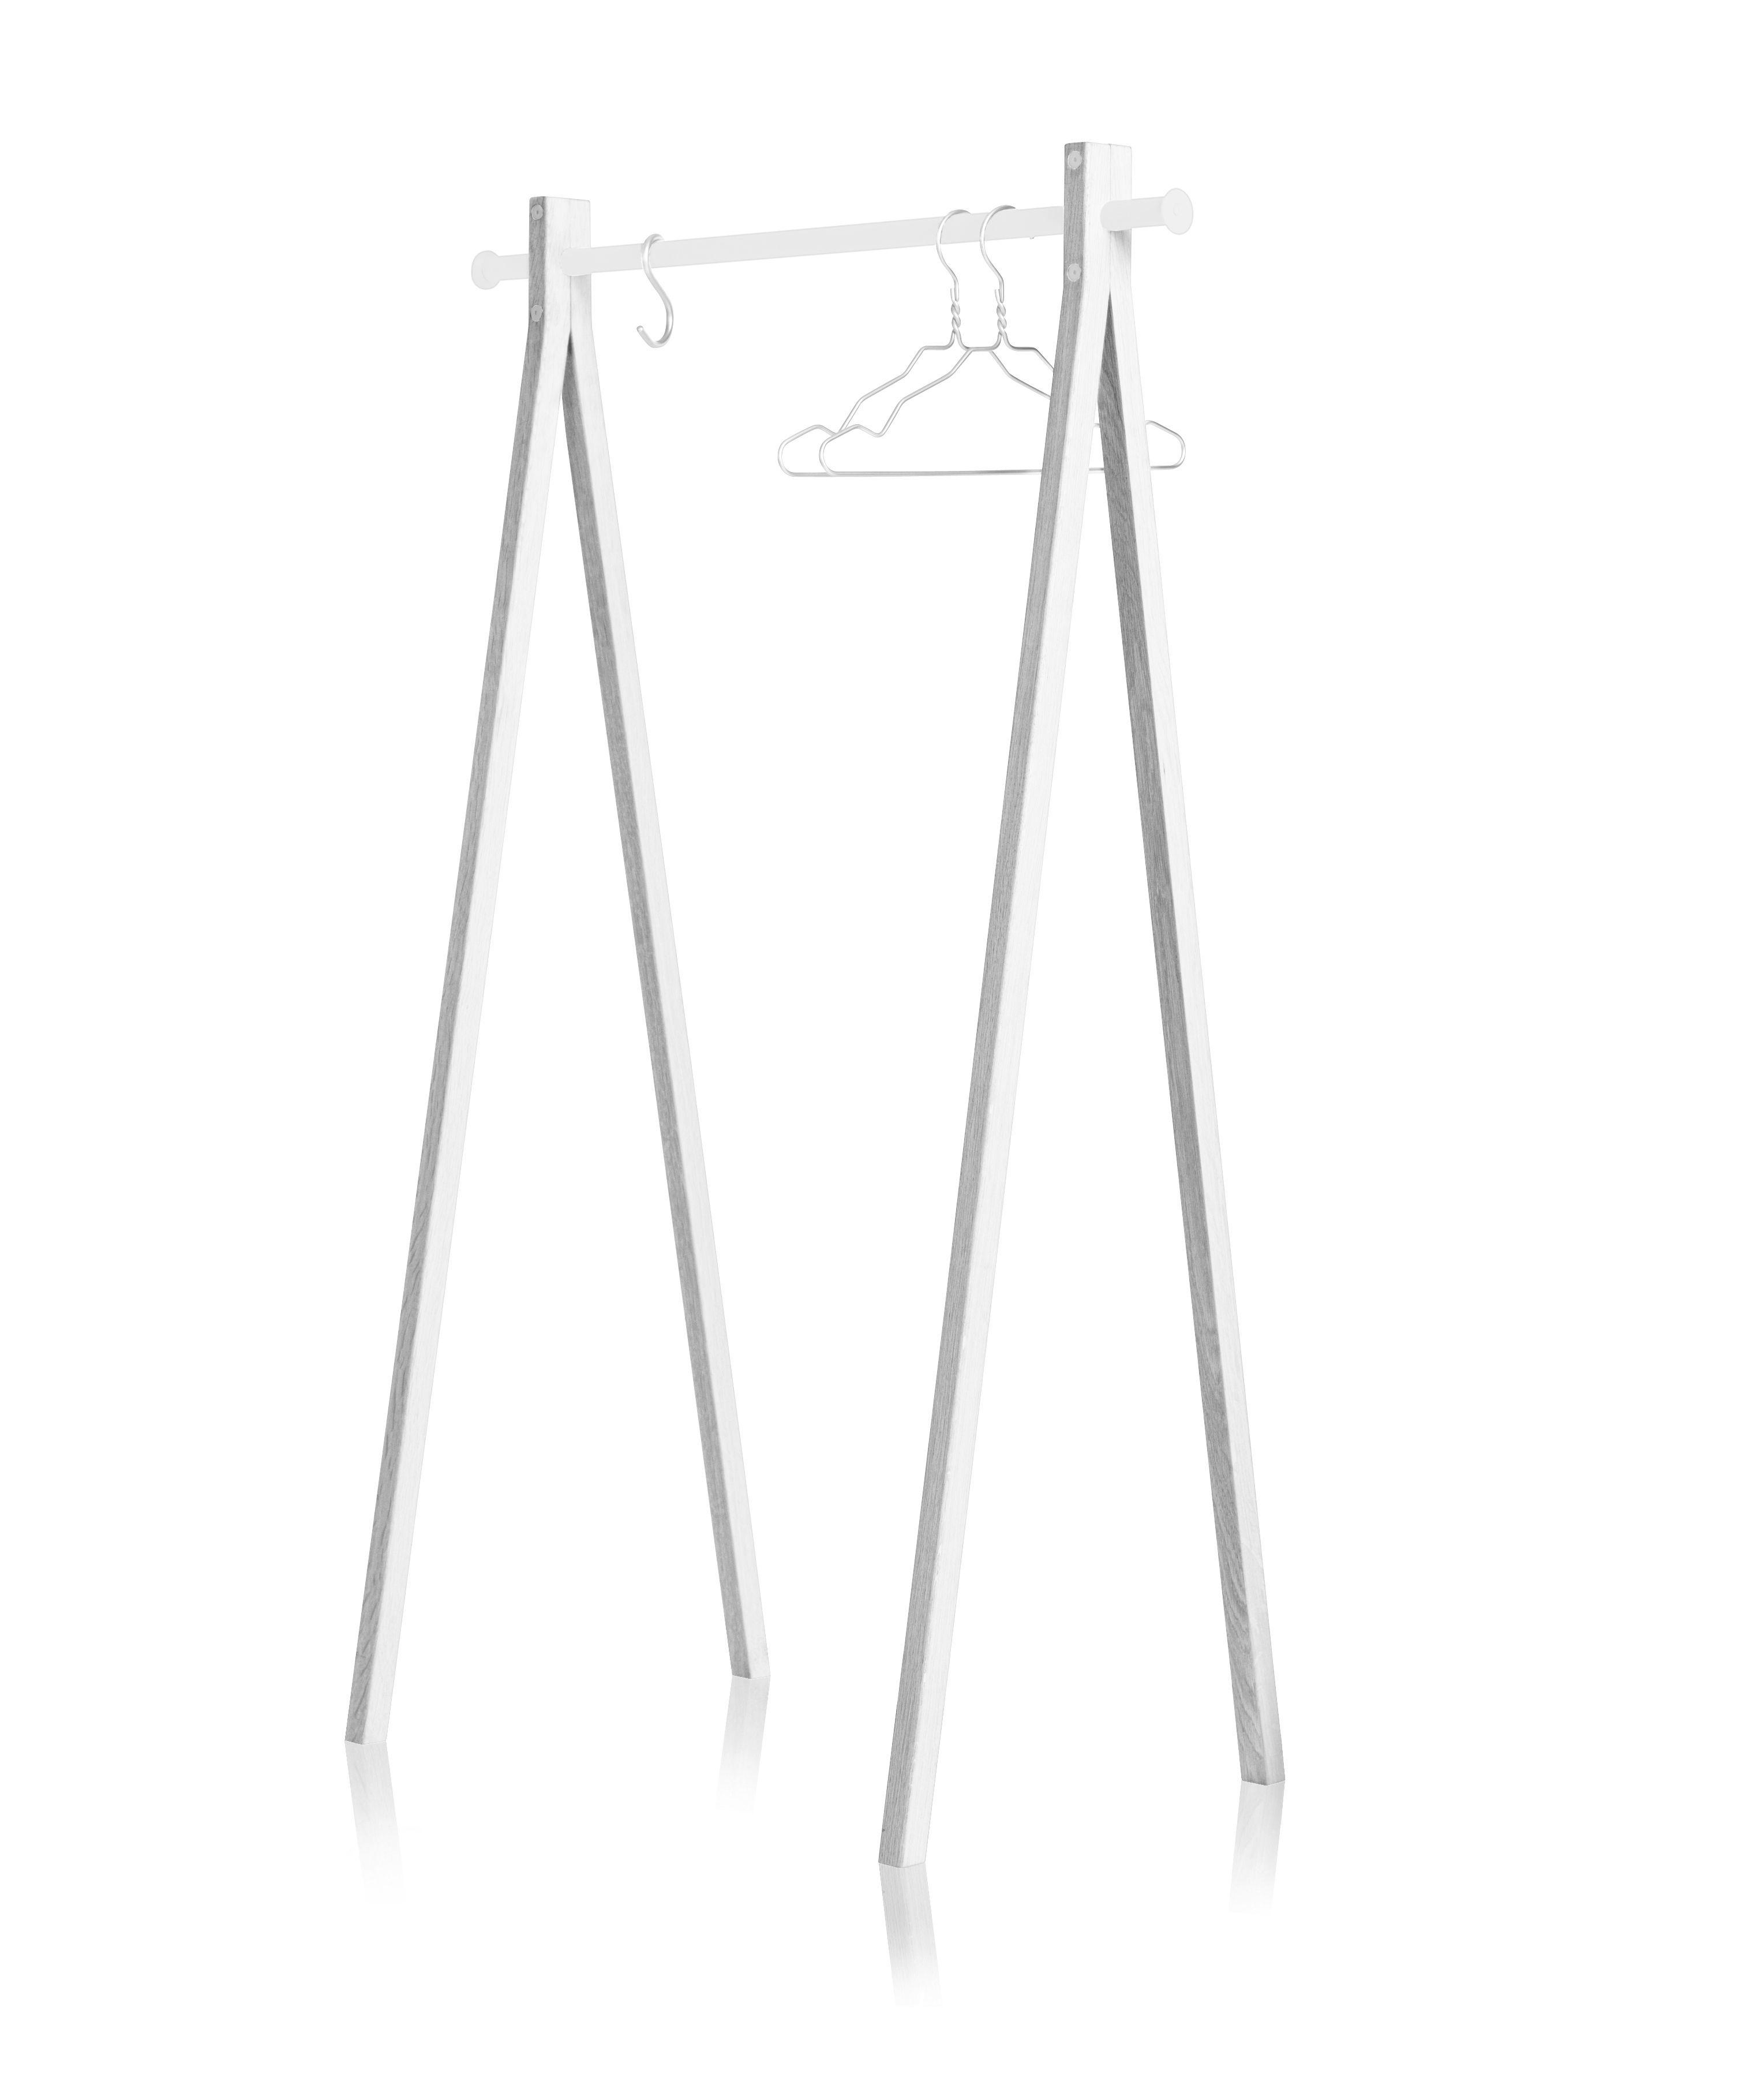 Mobilier - Portemanteaux, patères & portants - Portant Dress-up / L 90 cm - Nomess - Blanc / Barre blanche - Aluminium laqué, Frêne peint